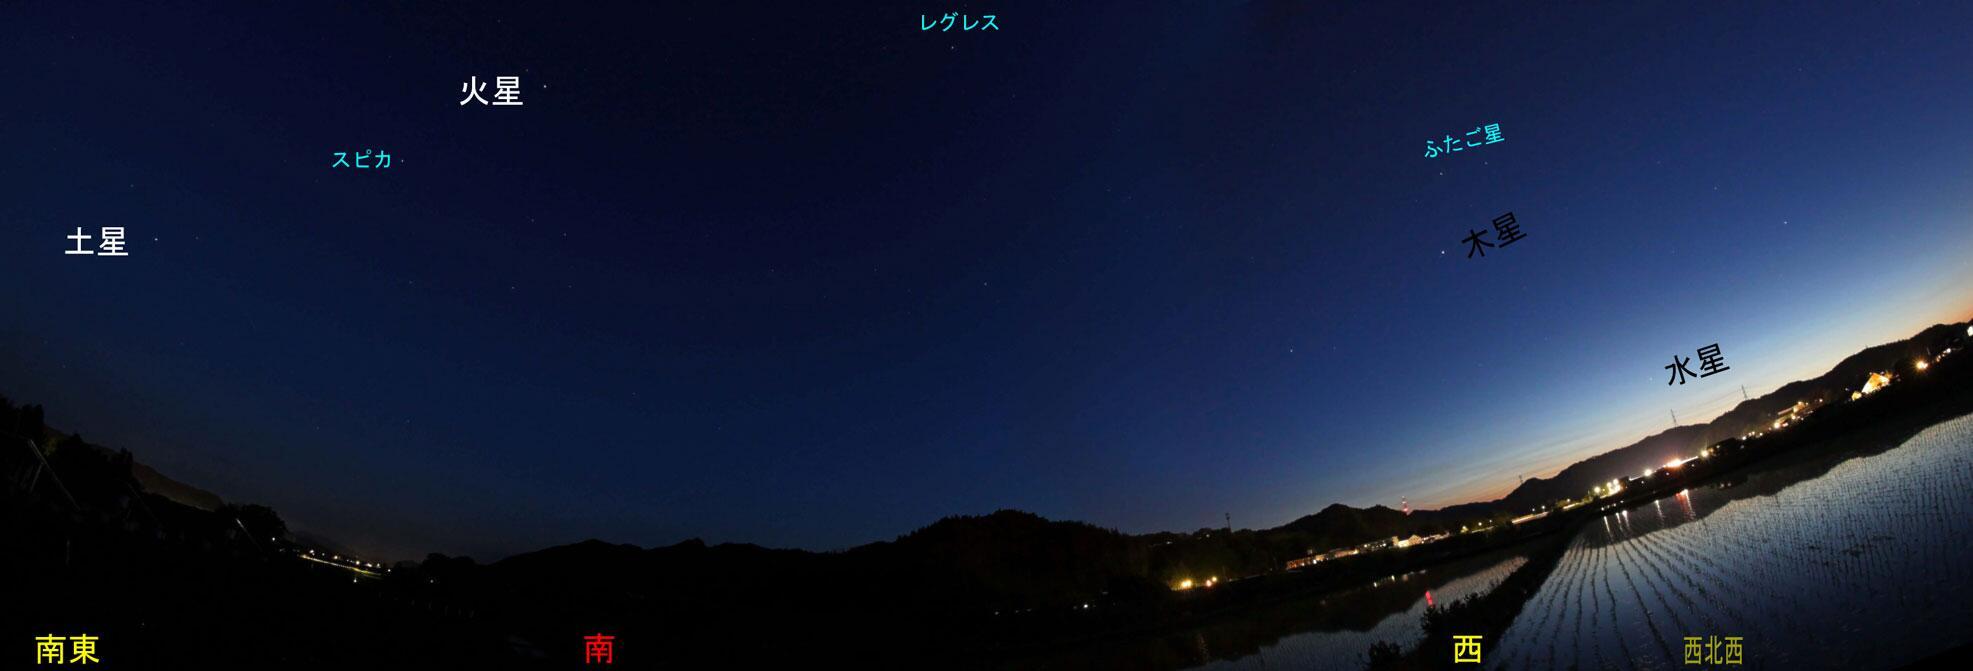 夕暮れに4つの惑星。